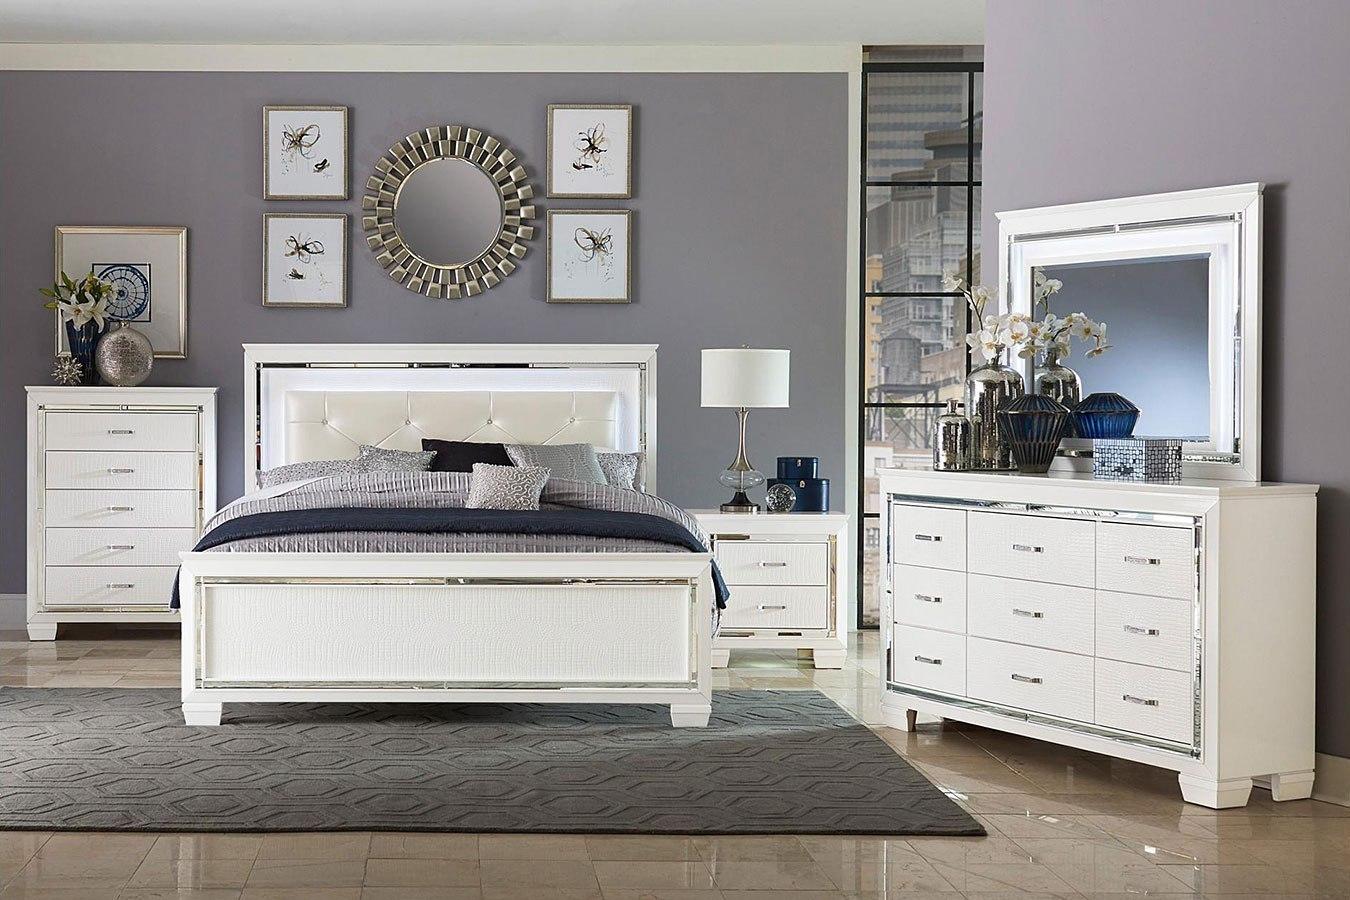 allura panel bedroom set w led lighting white